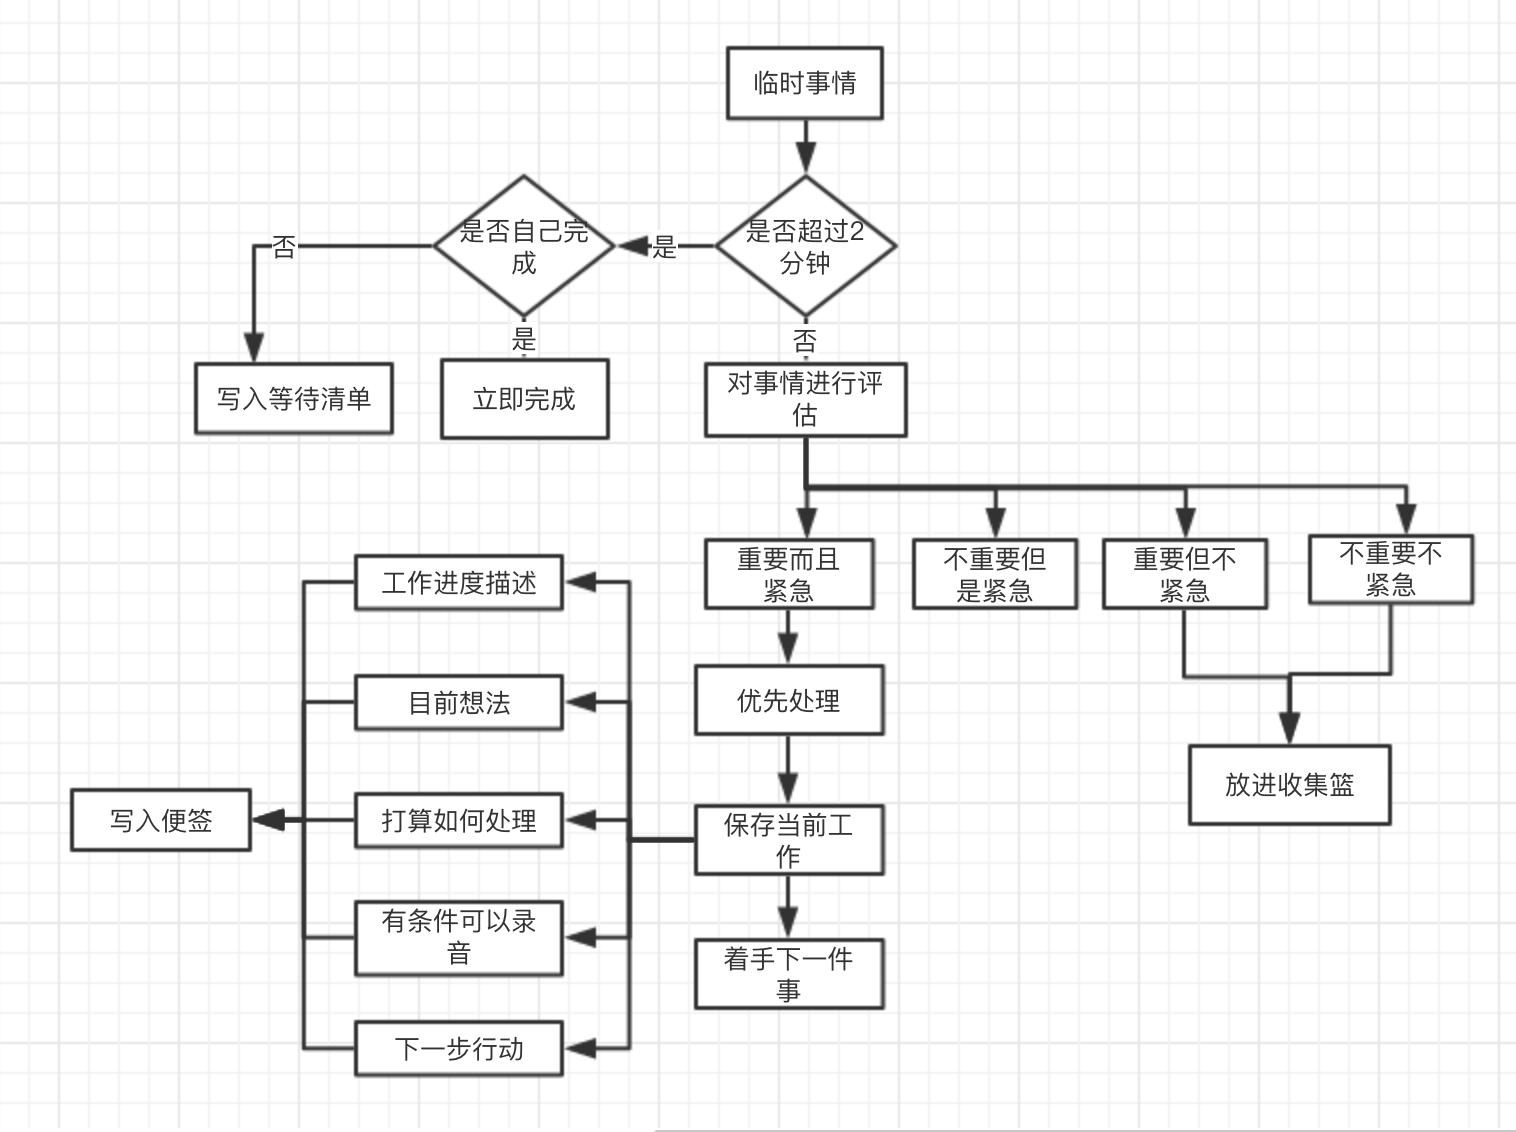 临时时间处理流程图